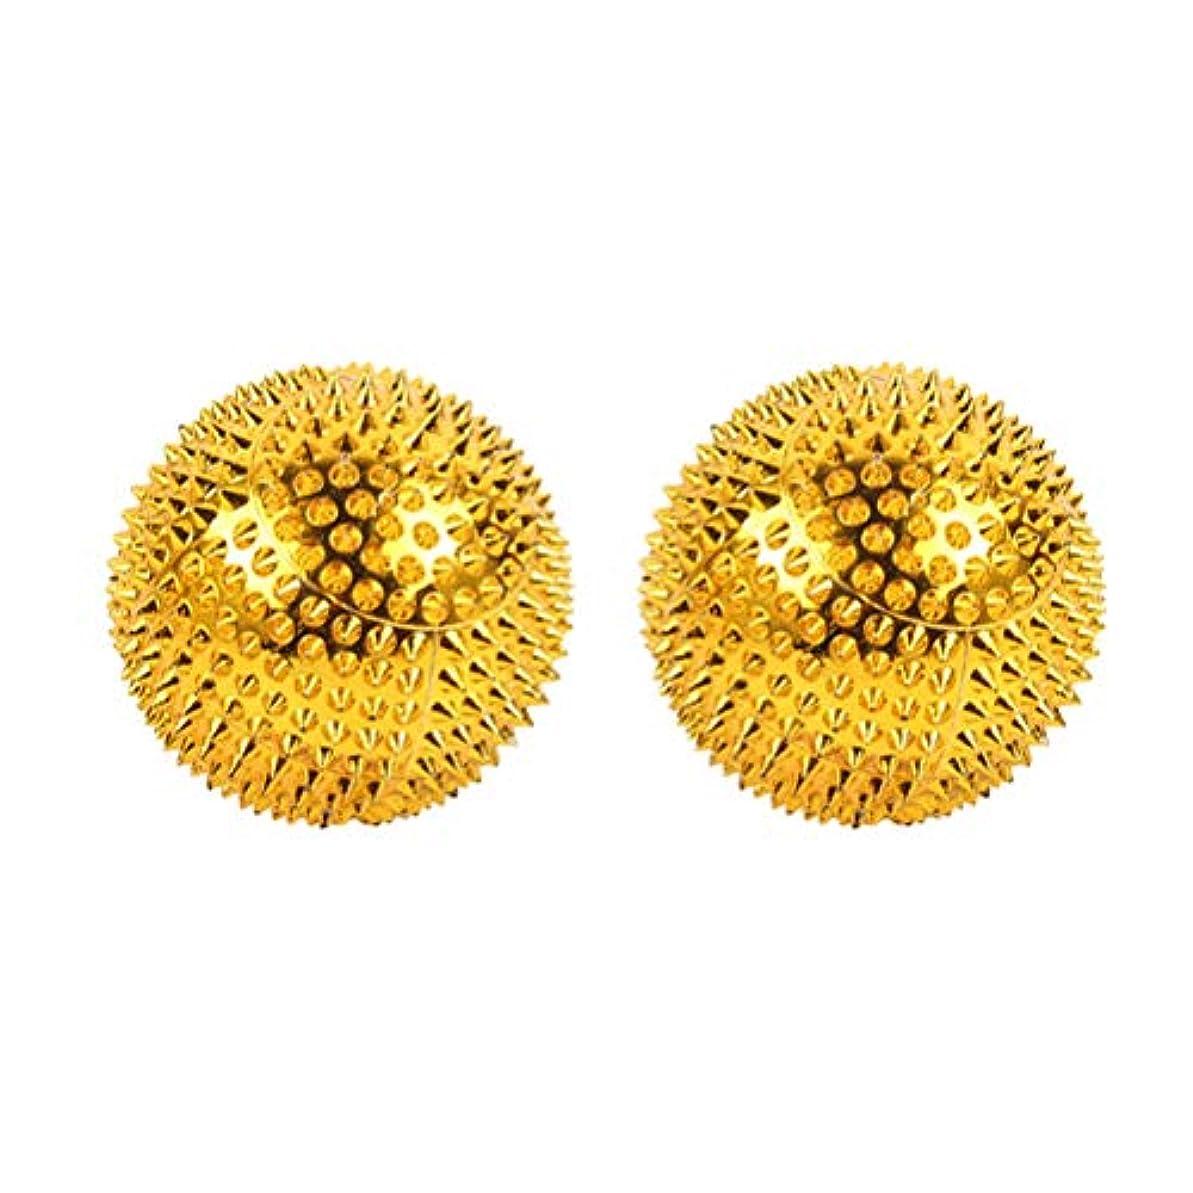 規則性交換月Healifty ボディマッサージャーボール2本磁気ローリングマッサージボールとがった鍼灸ボール指圧マッサージ(ゴールデン)